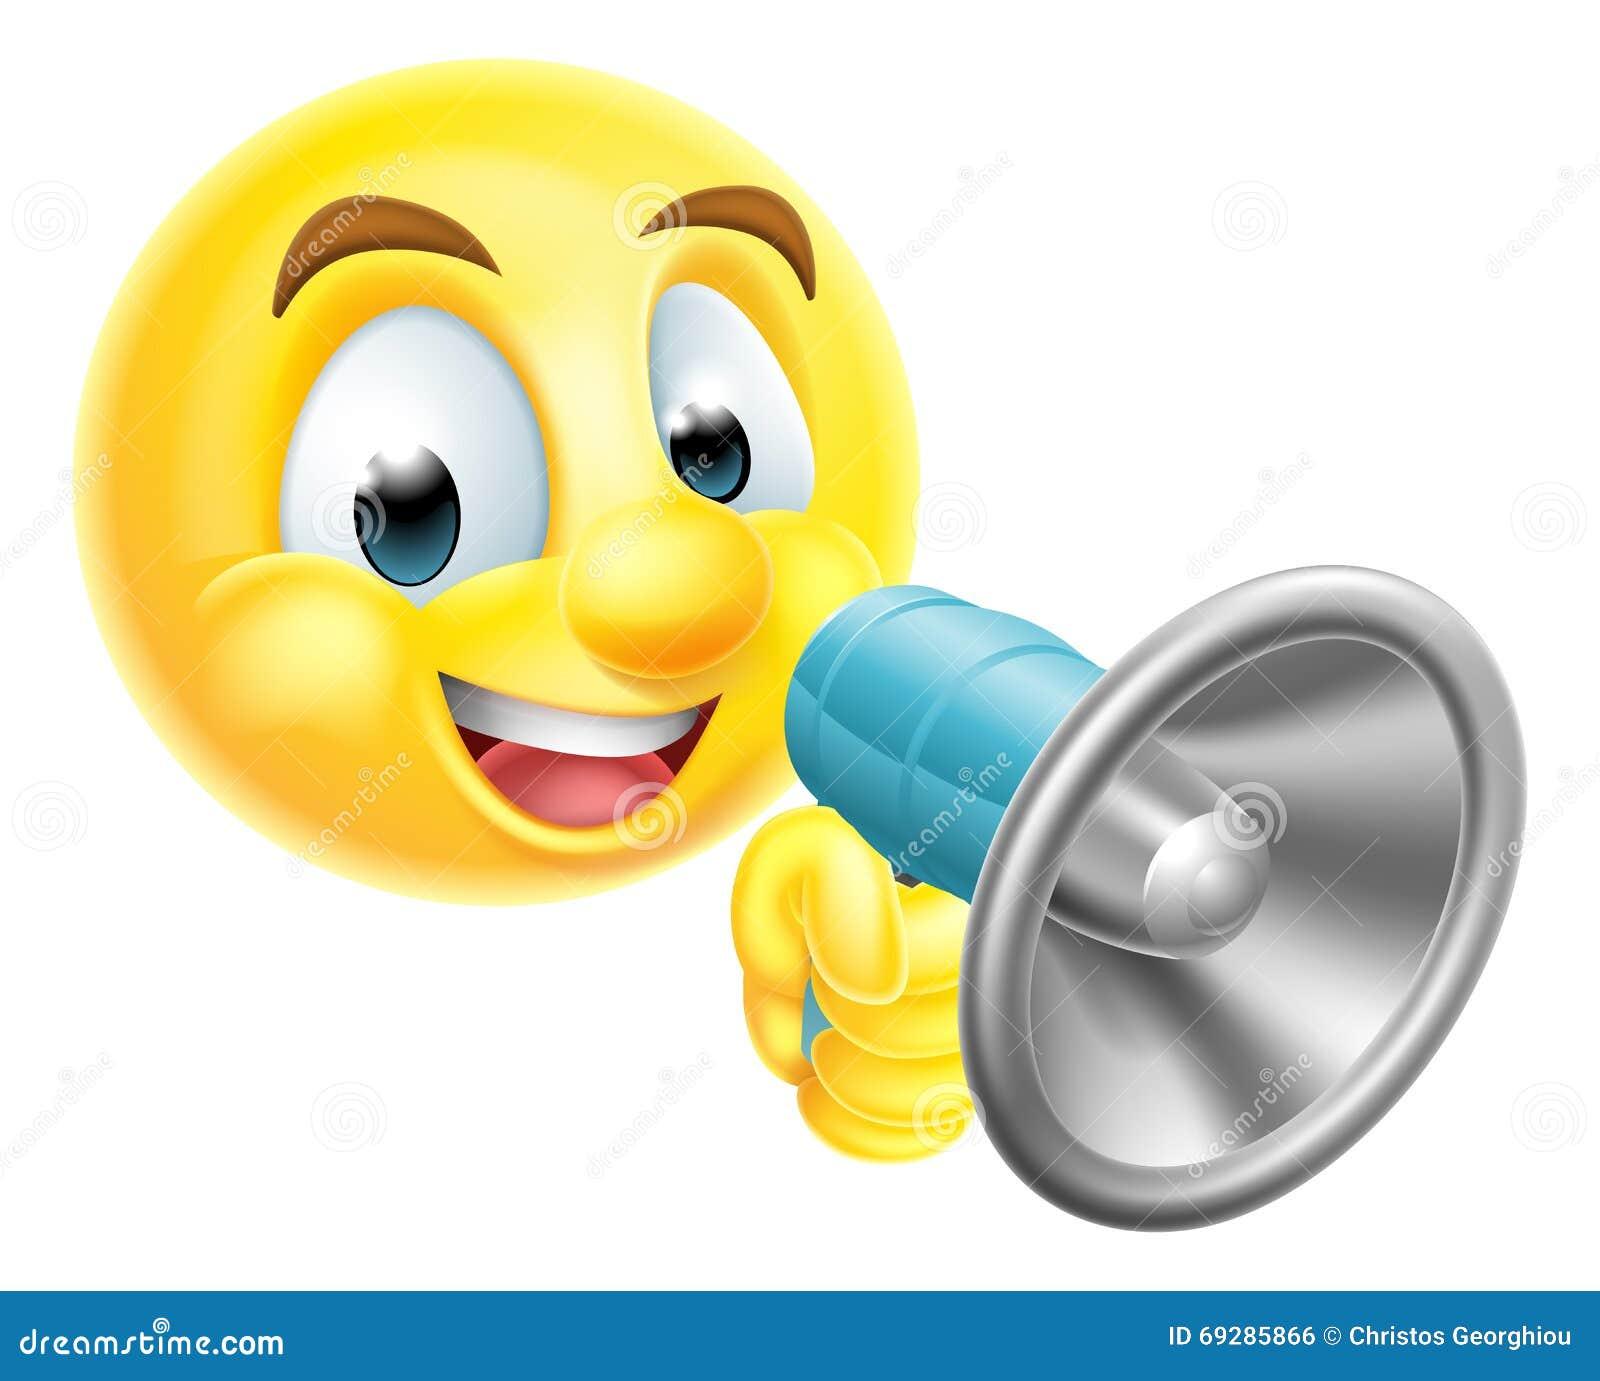 Emoticon Emoji que sostiene el teléfono mega